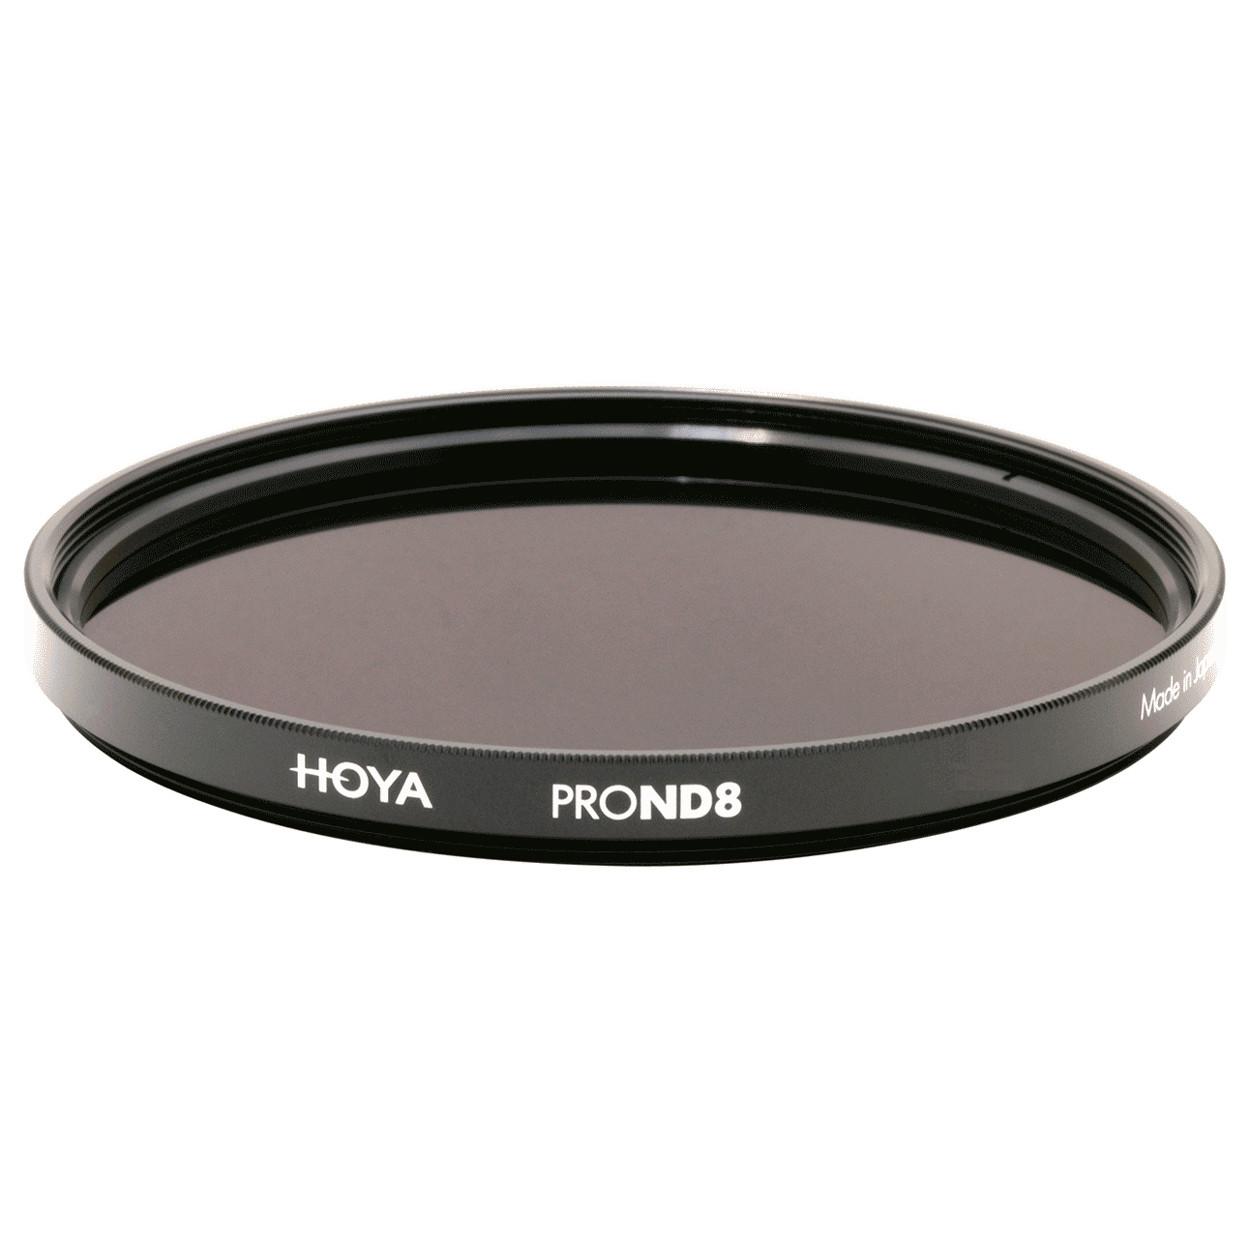 Фільтр нейтрально-сірий Hoya Pro ND 8 (3 стопа) 52 мм